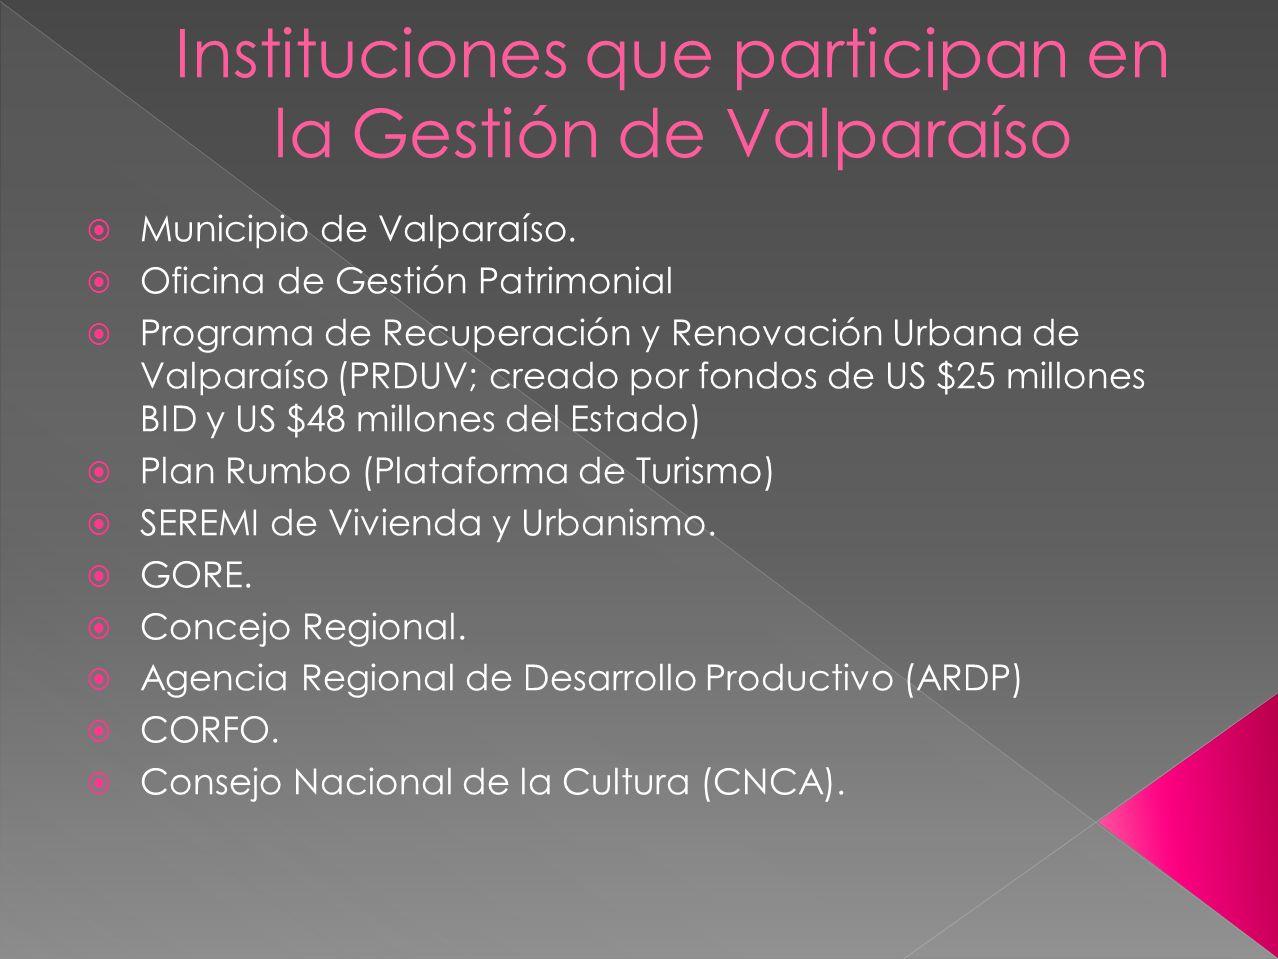 Instituciones que participan en la Gestión de Valparaíso